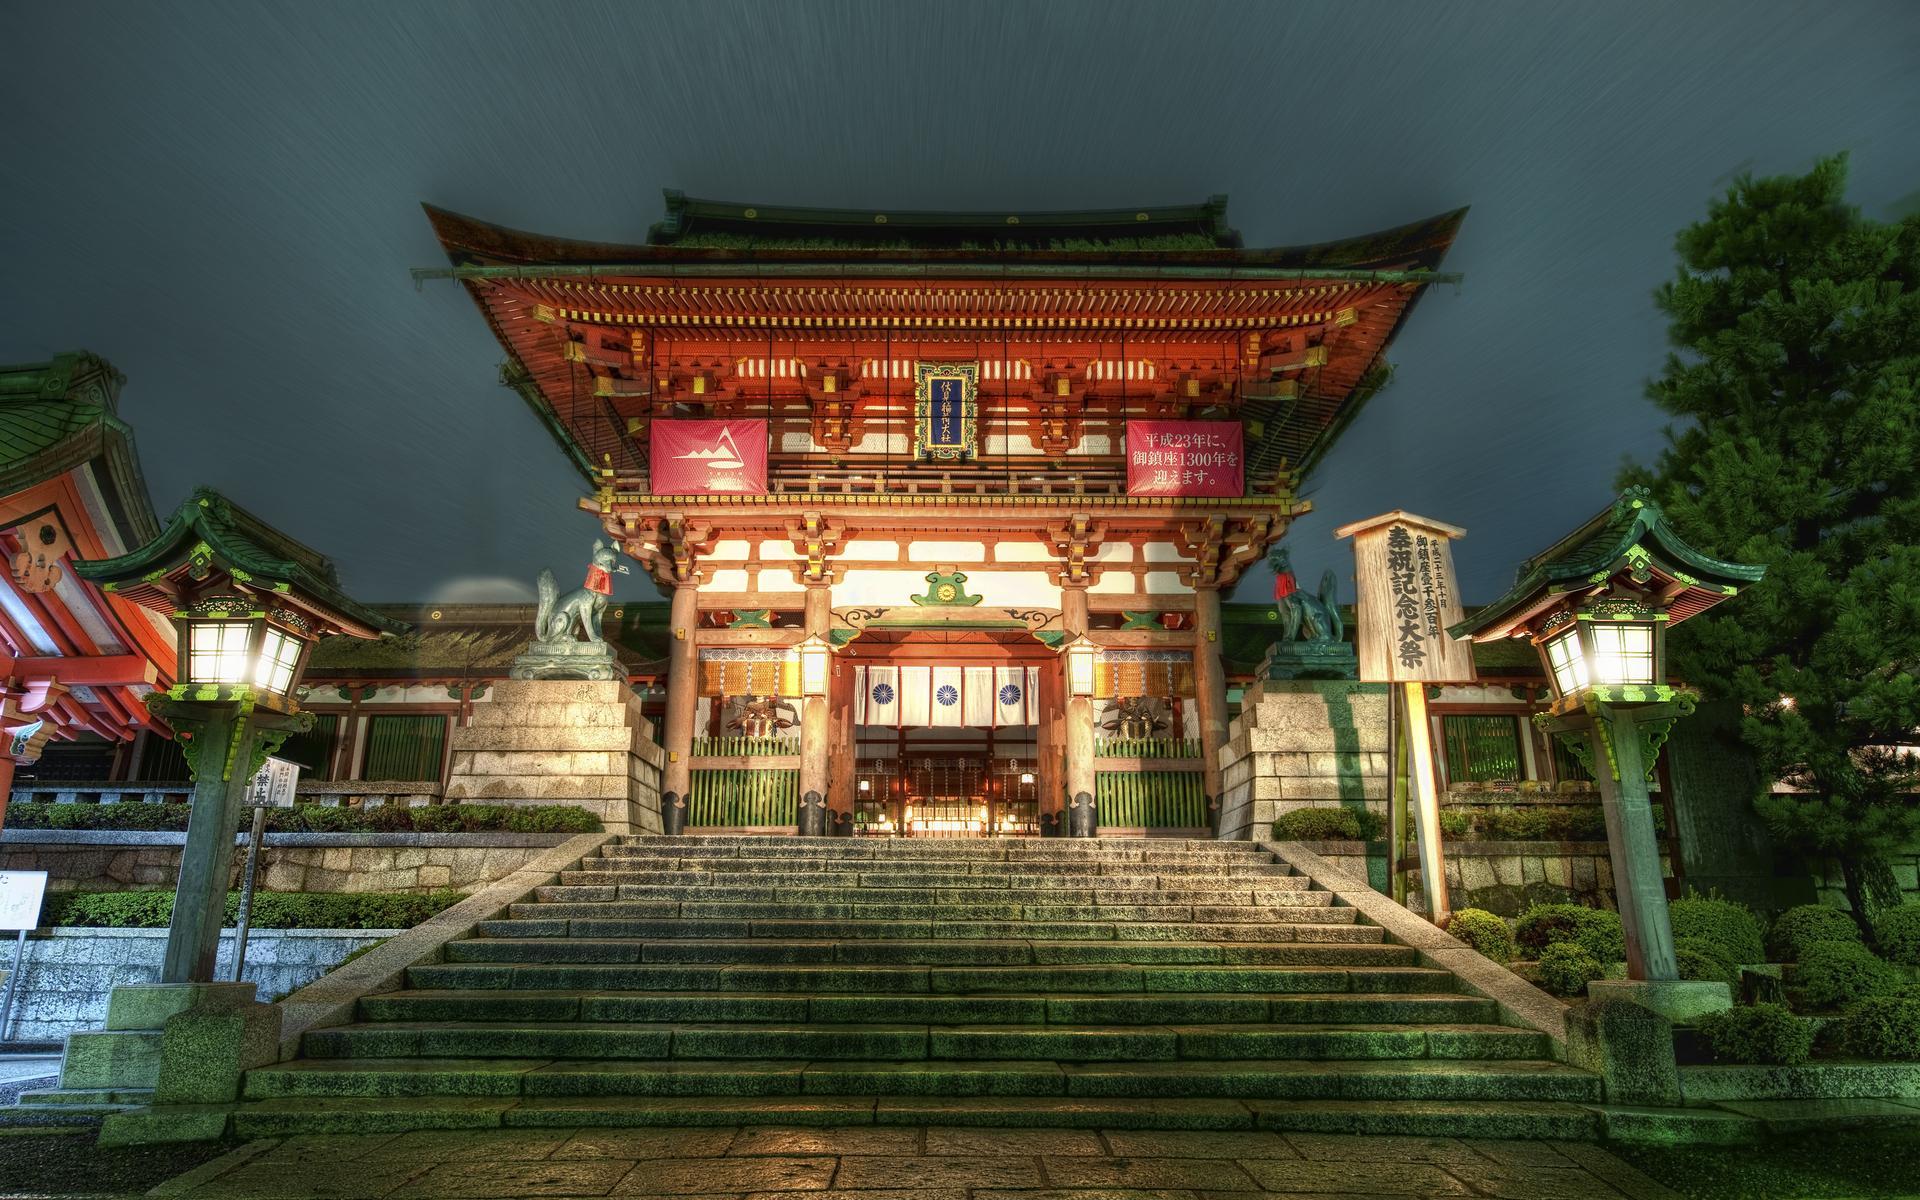 Япония храм обои для рабочего стола